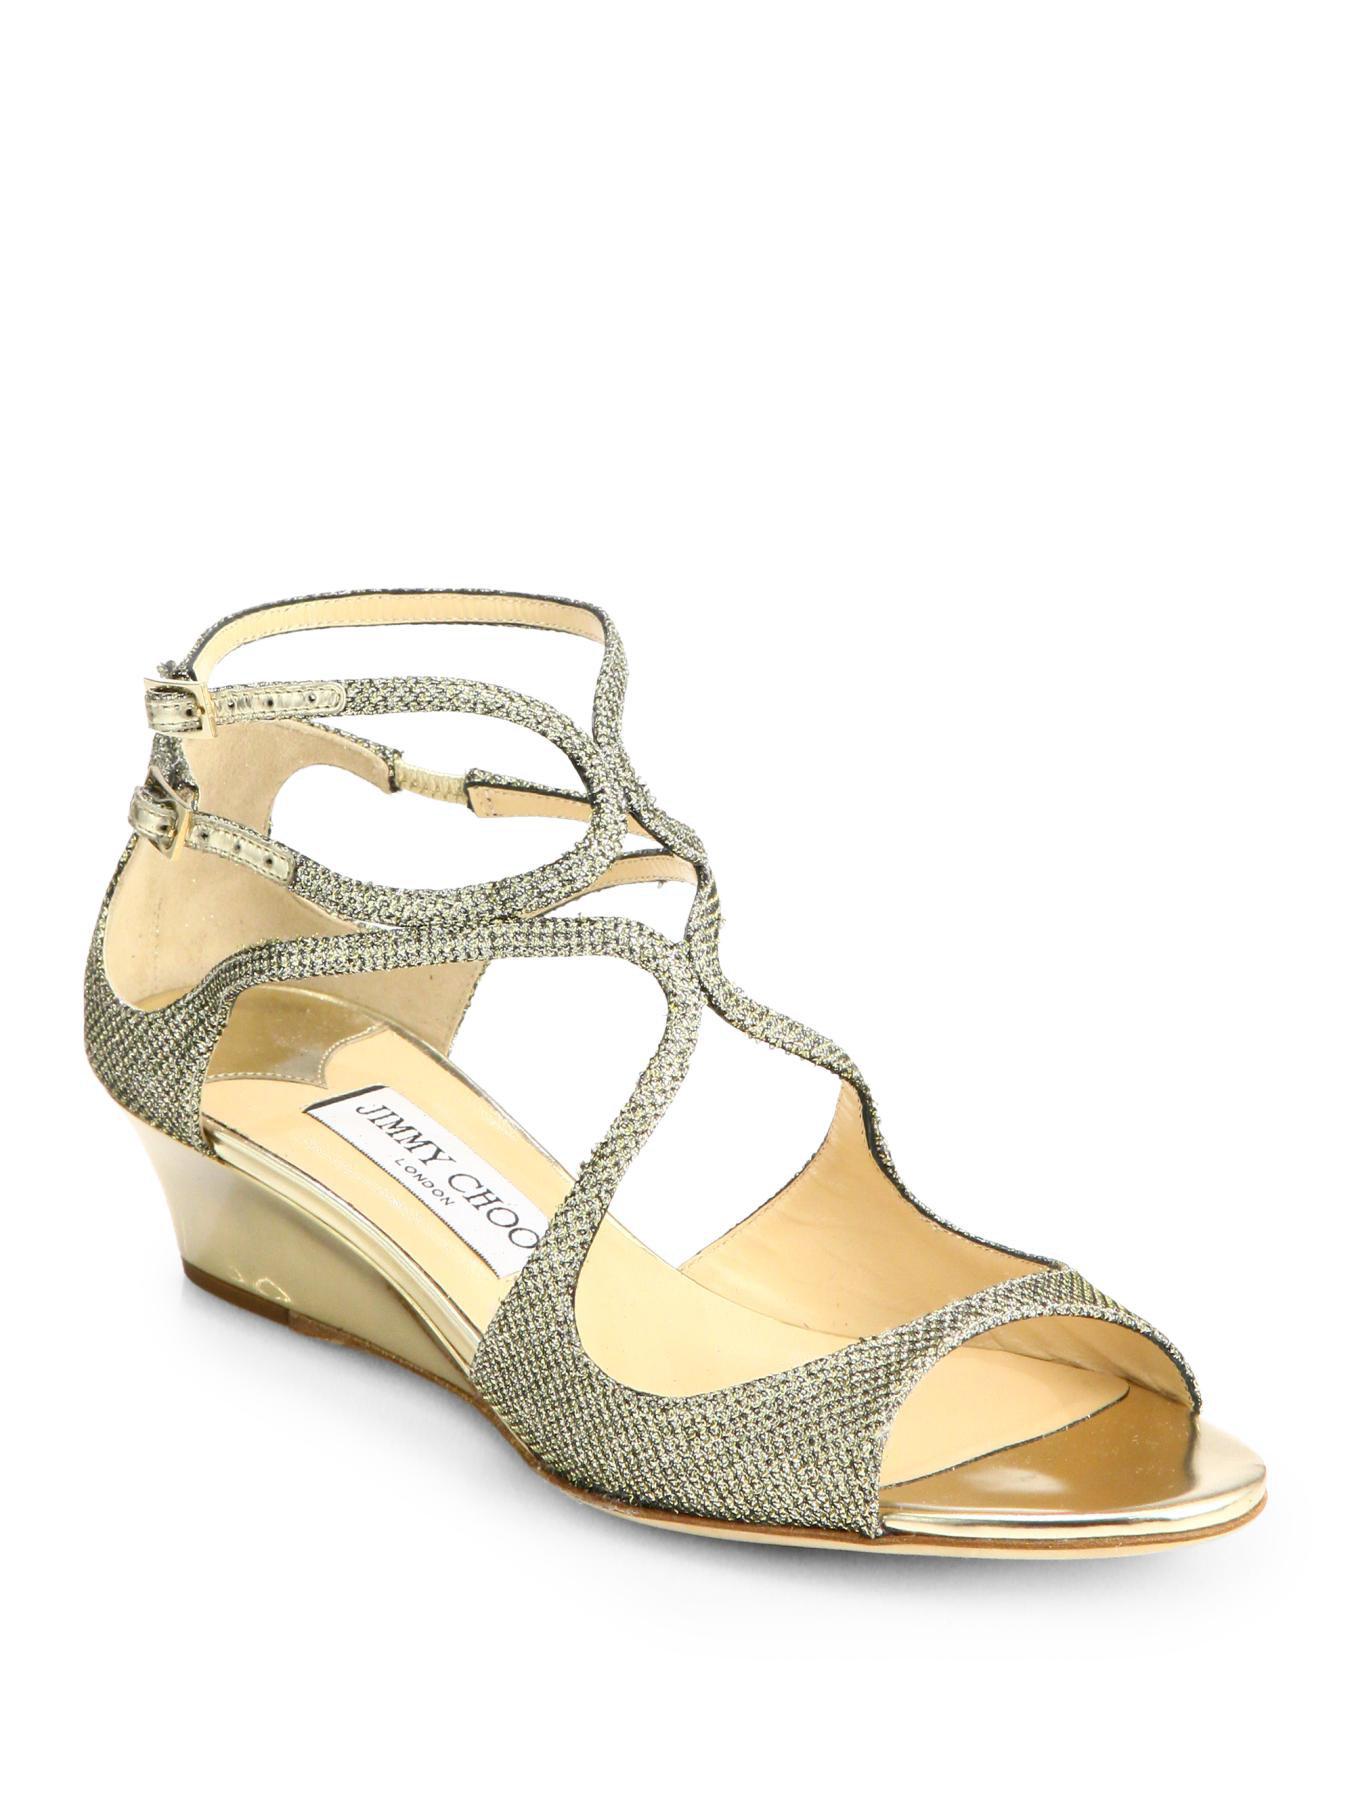 e3ee34d276d1 Lyst - Jimmy Choo Inka Glitter Lam Eacute  Demi-Wedge Sandals in ...